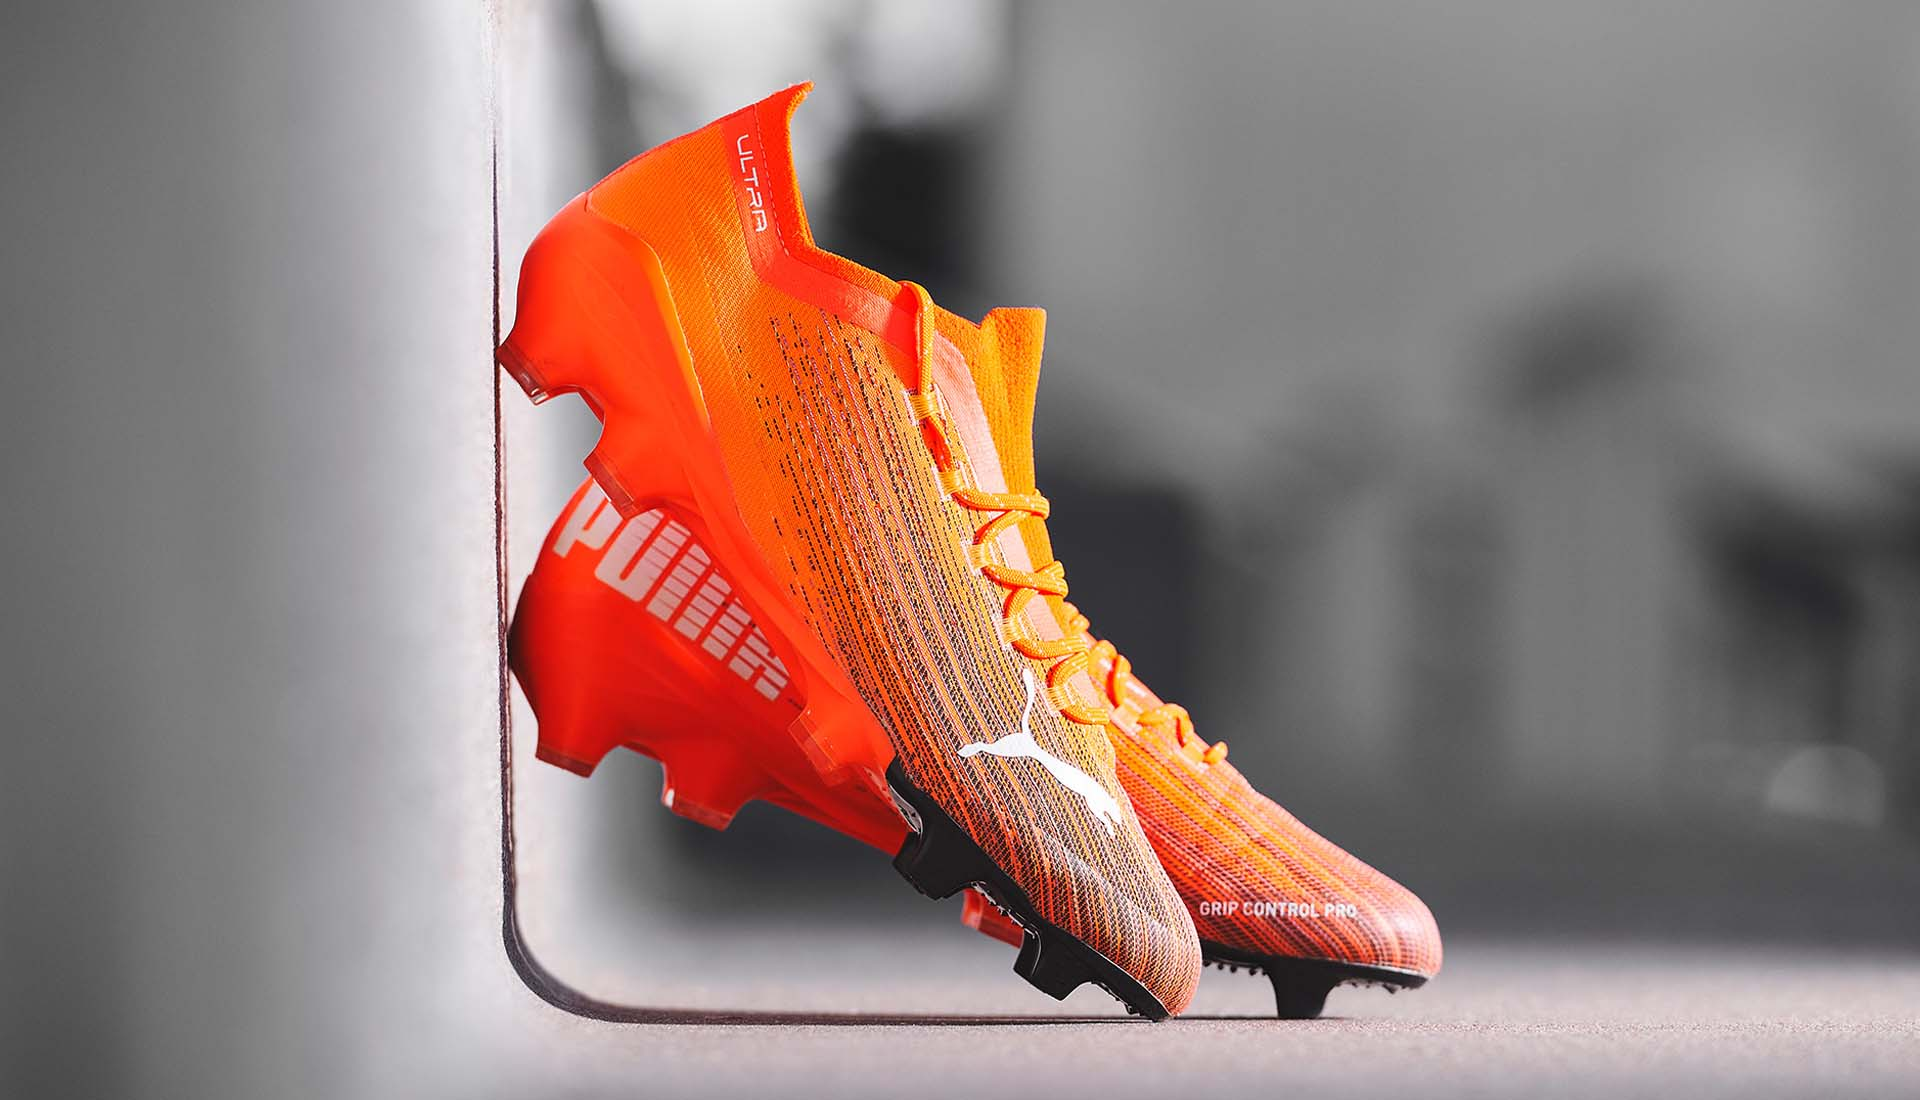 Puma Ultra 1.1 hiện đang là dòng giày đá bóng chuyên nghiệp nhẹ nhất thế giới